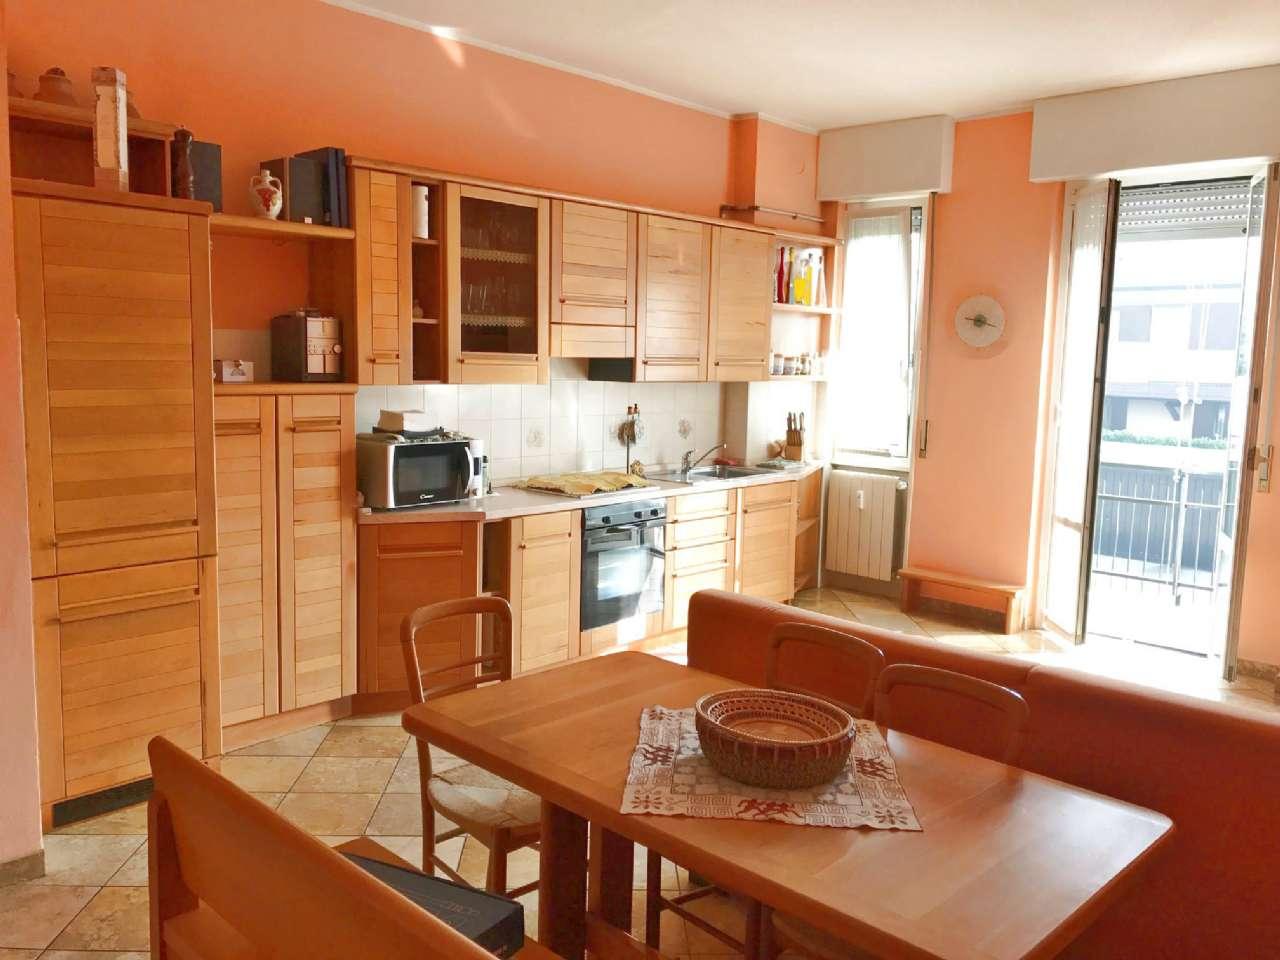 Appartamento in vendita a Garbagnate Milanese, 3 locali, prezzo € 168.000 | Cambio Casa.it